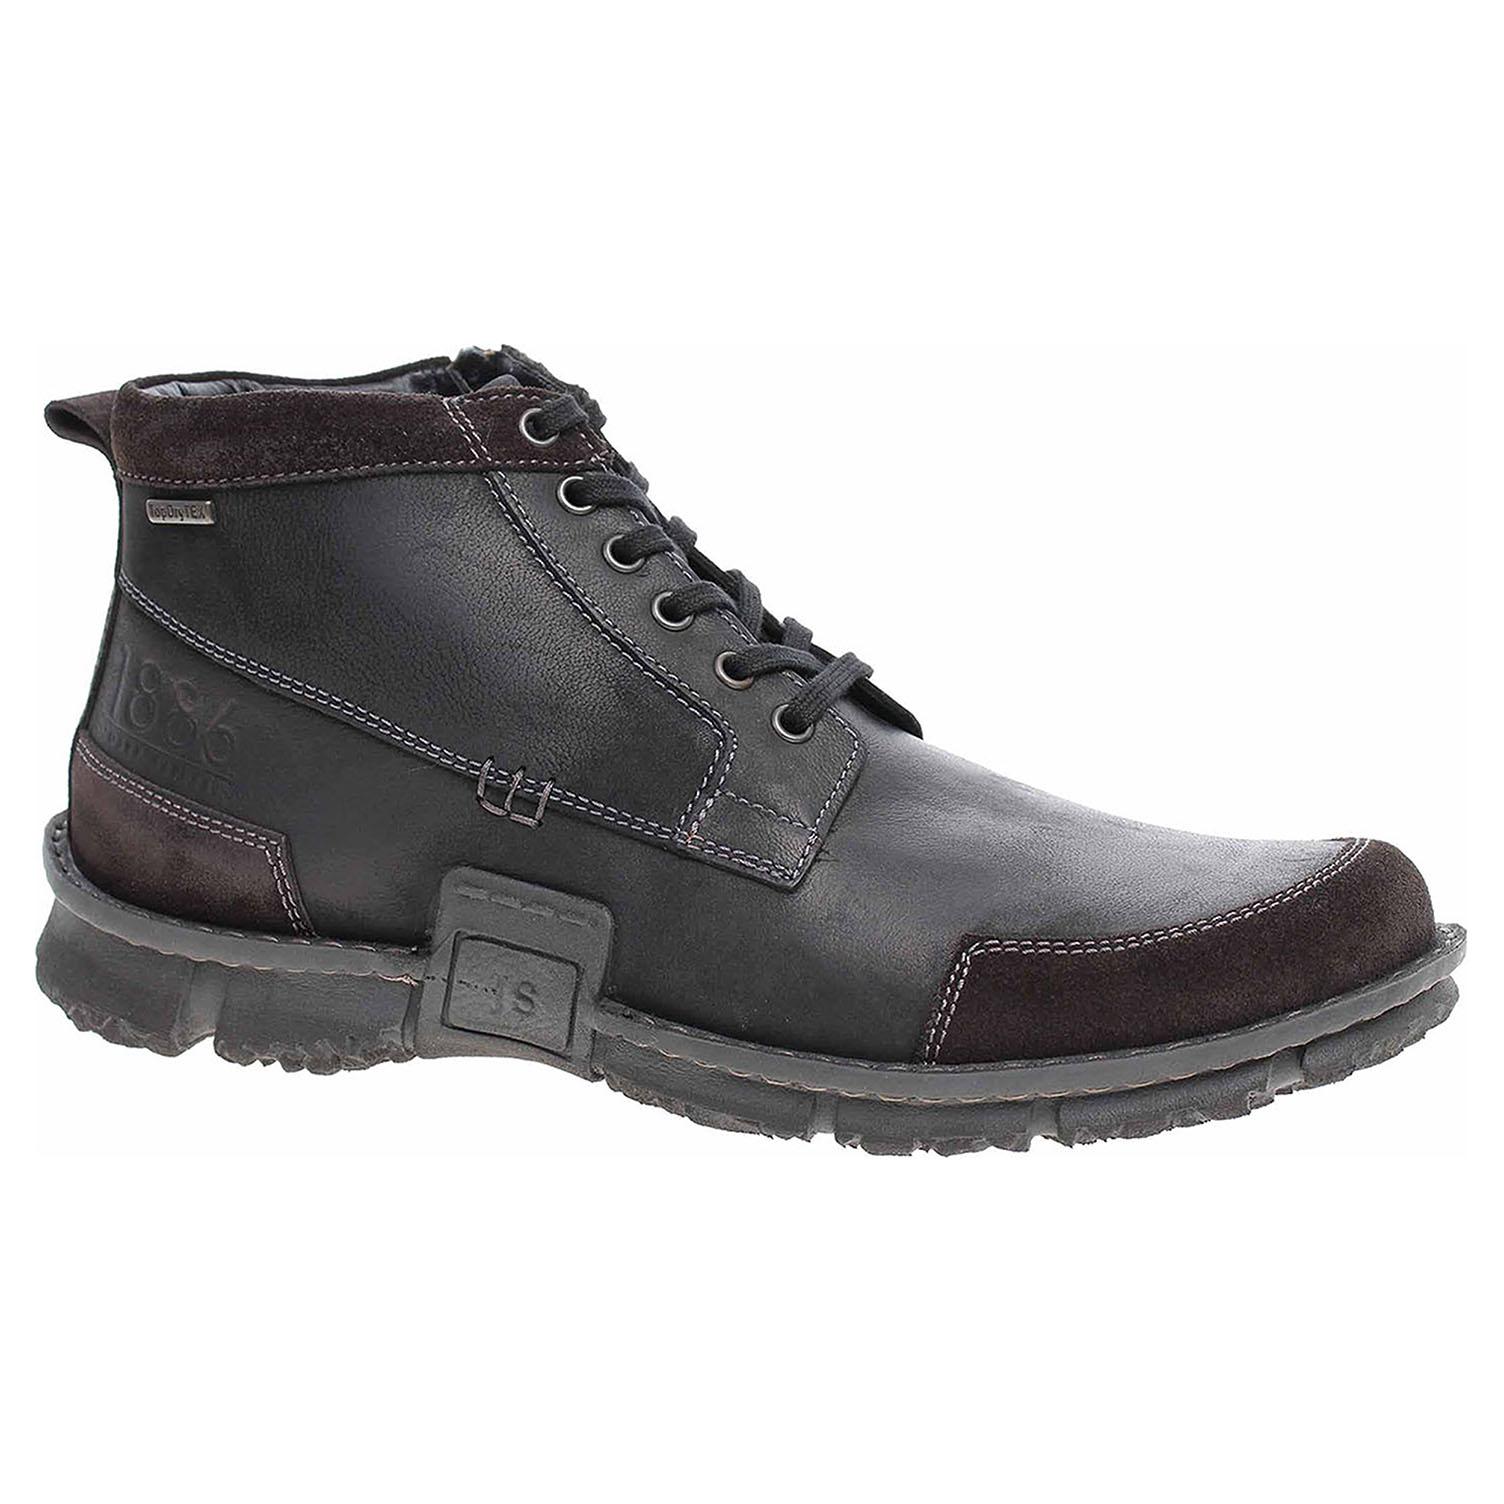 Pánská kotníková obuv Josef Seibel 14531 MA920100 schwarz 14531 MA920100 47